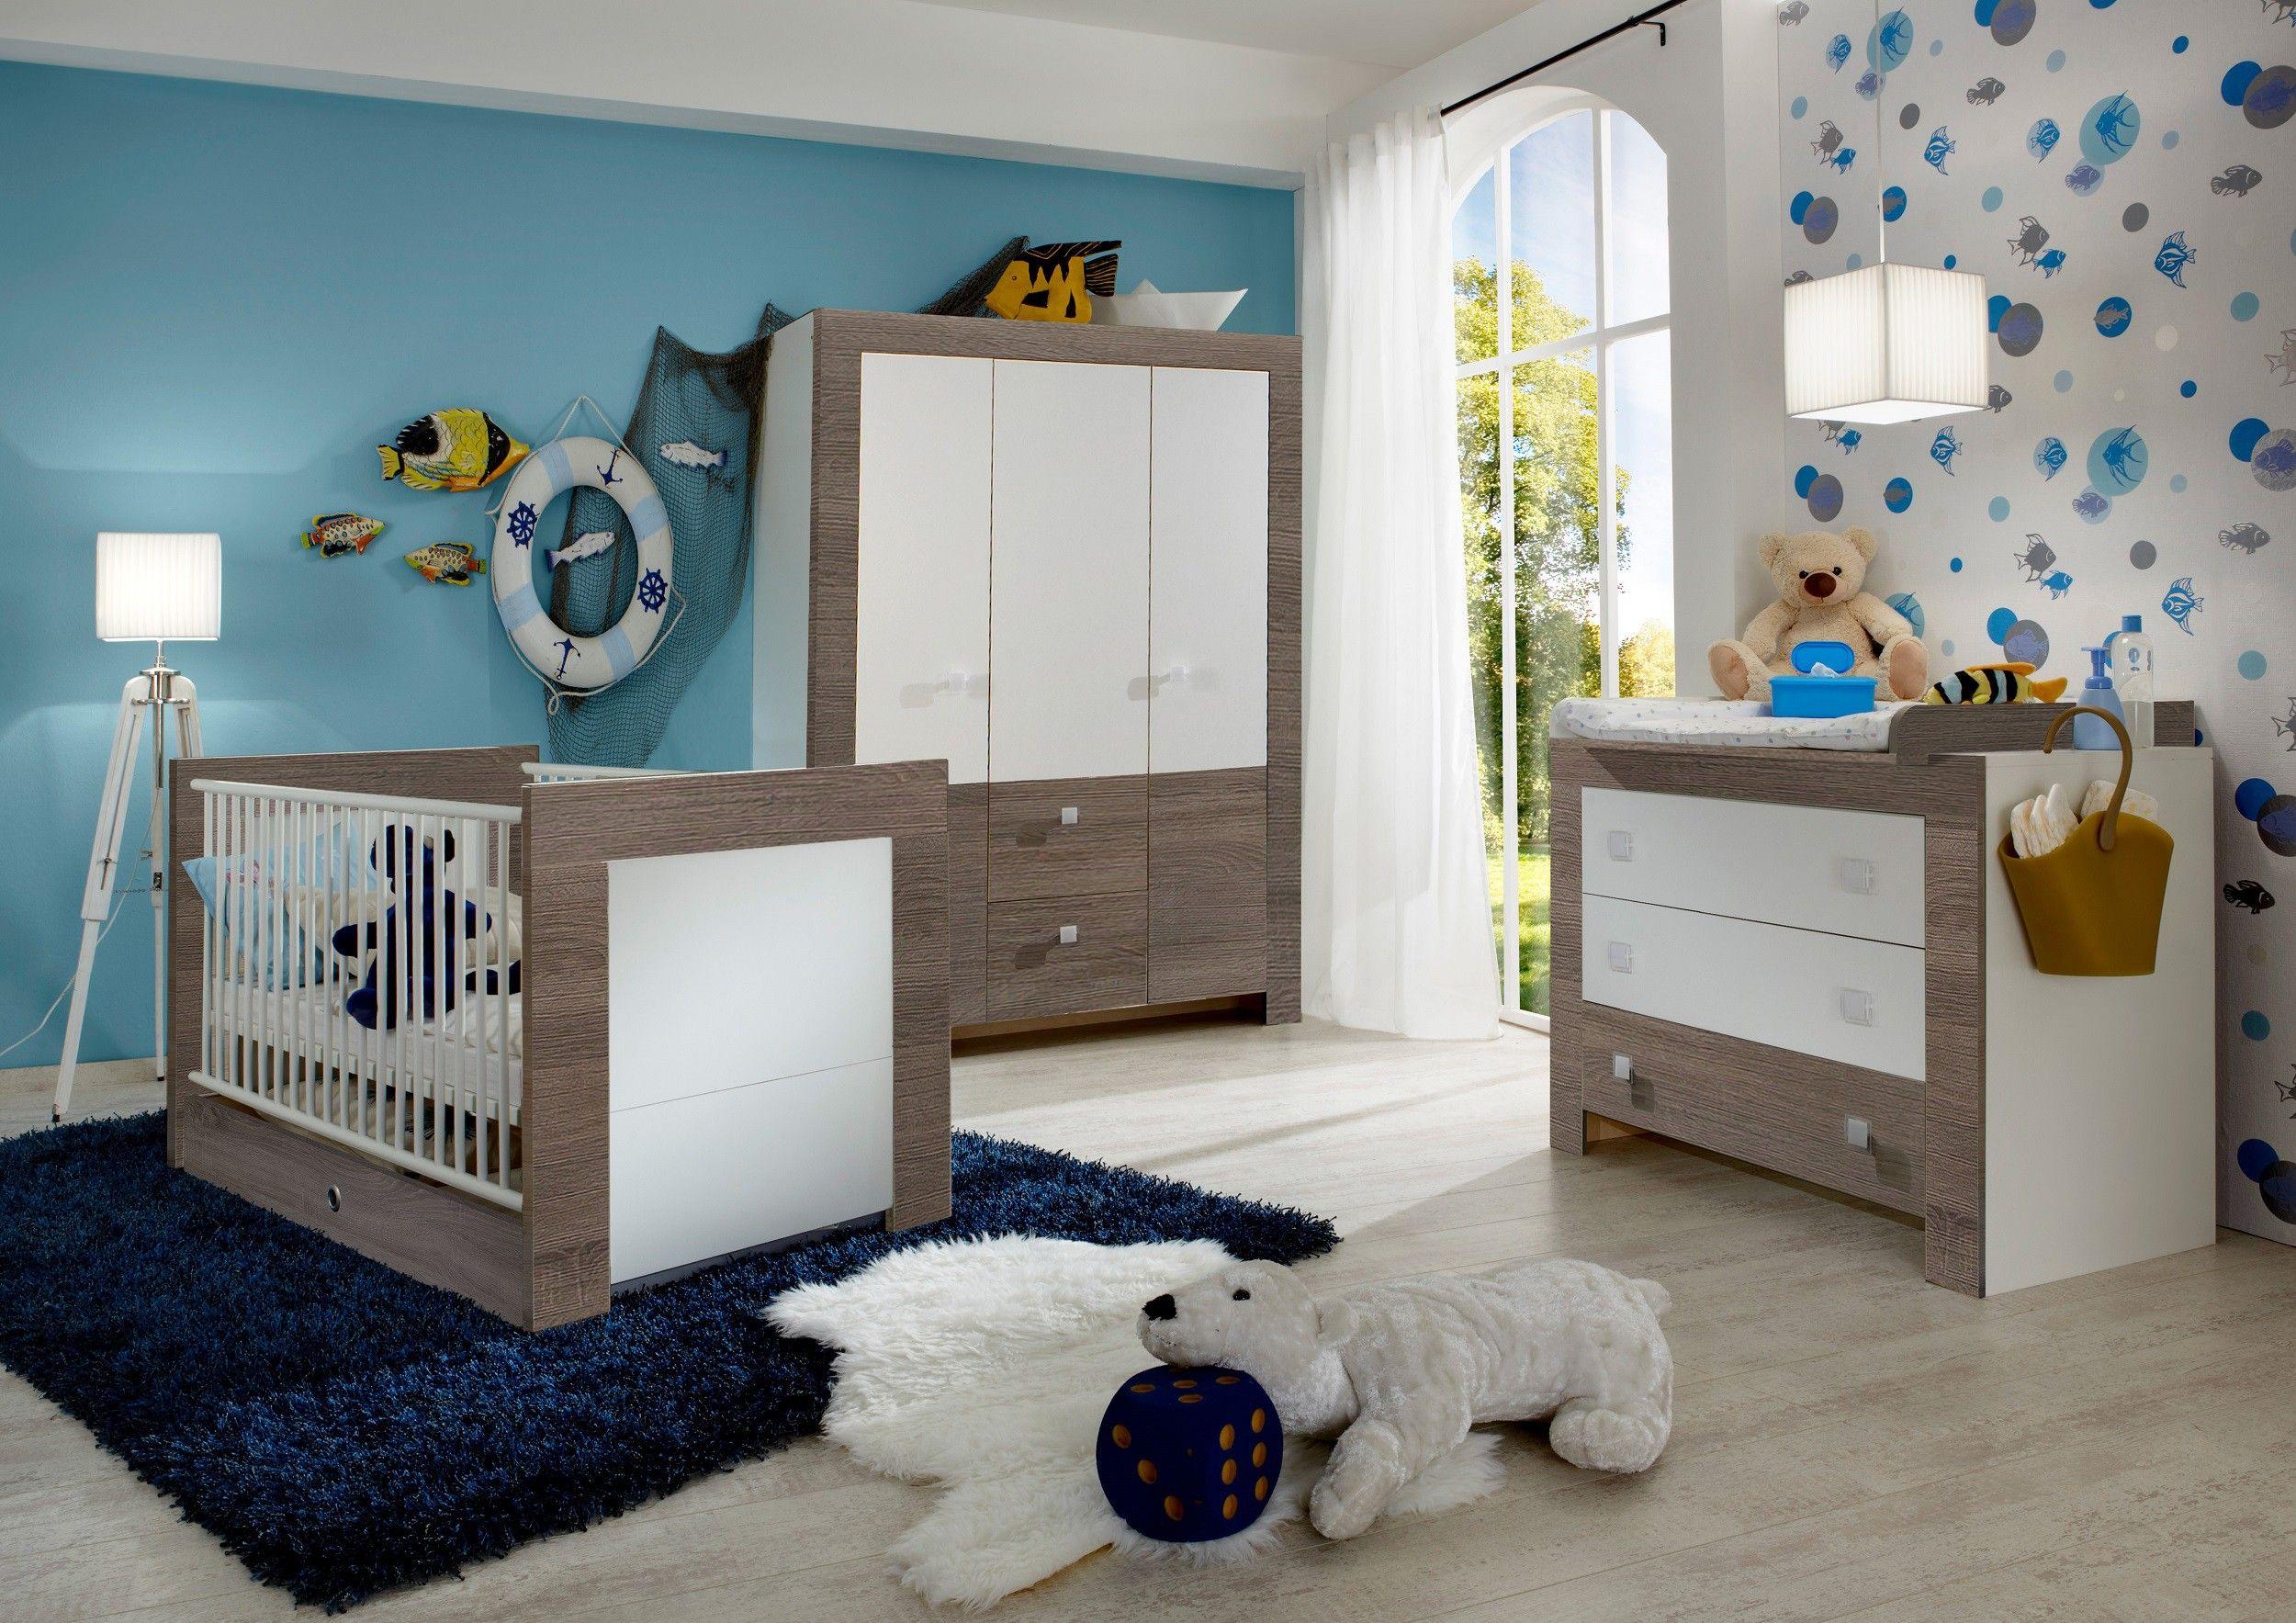 Full Size of Kinderzimmer Komplett Set Gnstig Minimalistisches Haus Design Bett Kaufen Günstig Komplette Küche Sofa Günstige Schlafzimmer Regale Betten Chesterfield Kinderzimmer Kinderzimmer Komplett Günstig